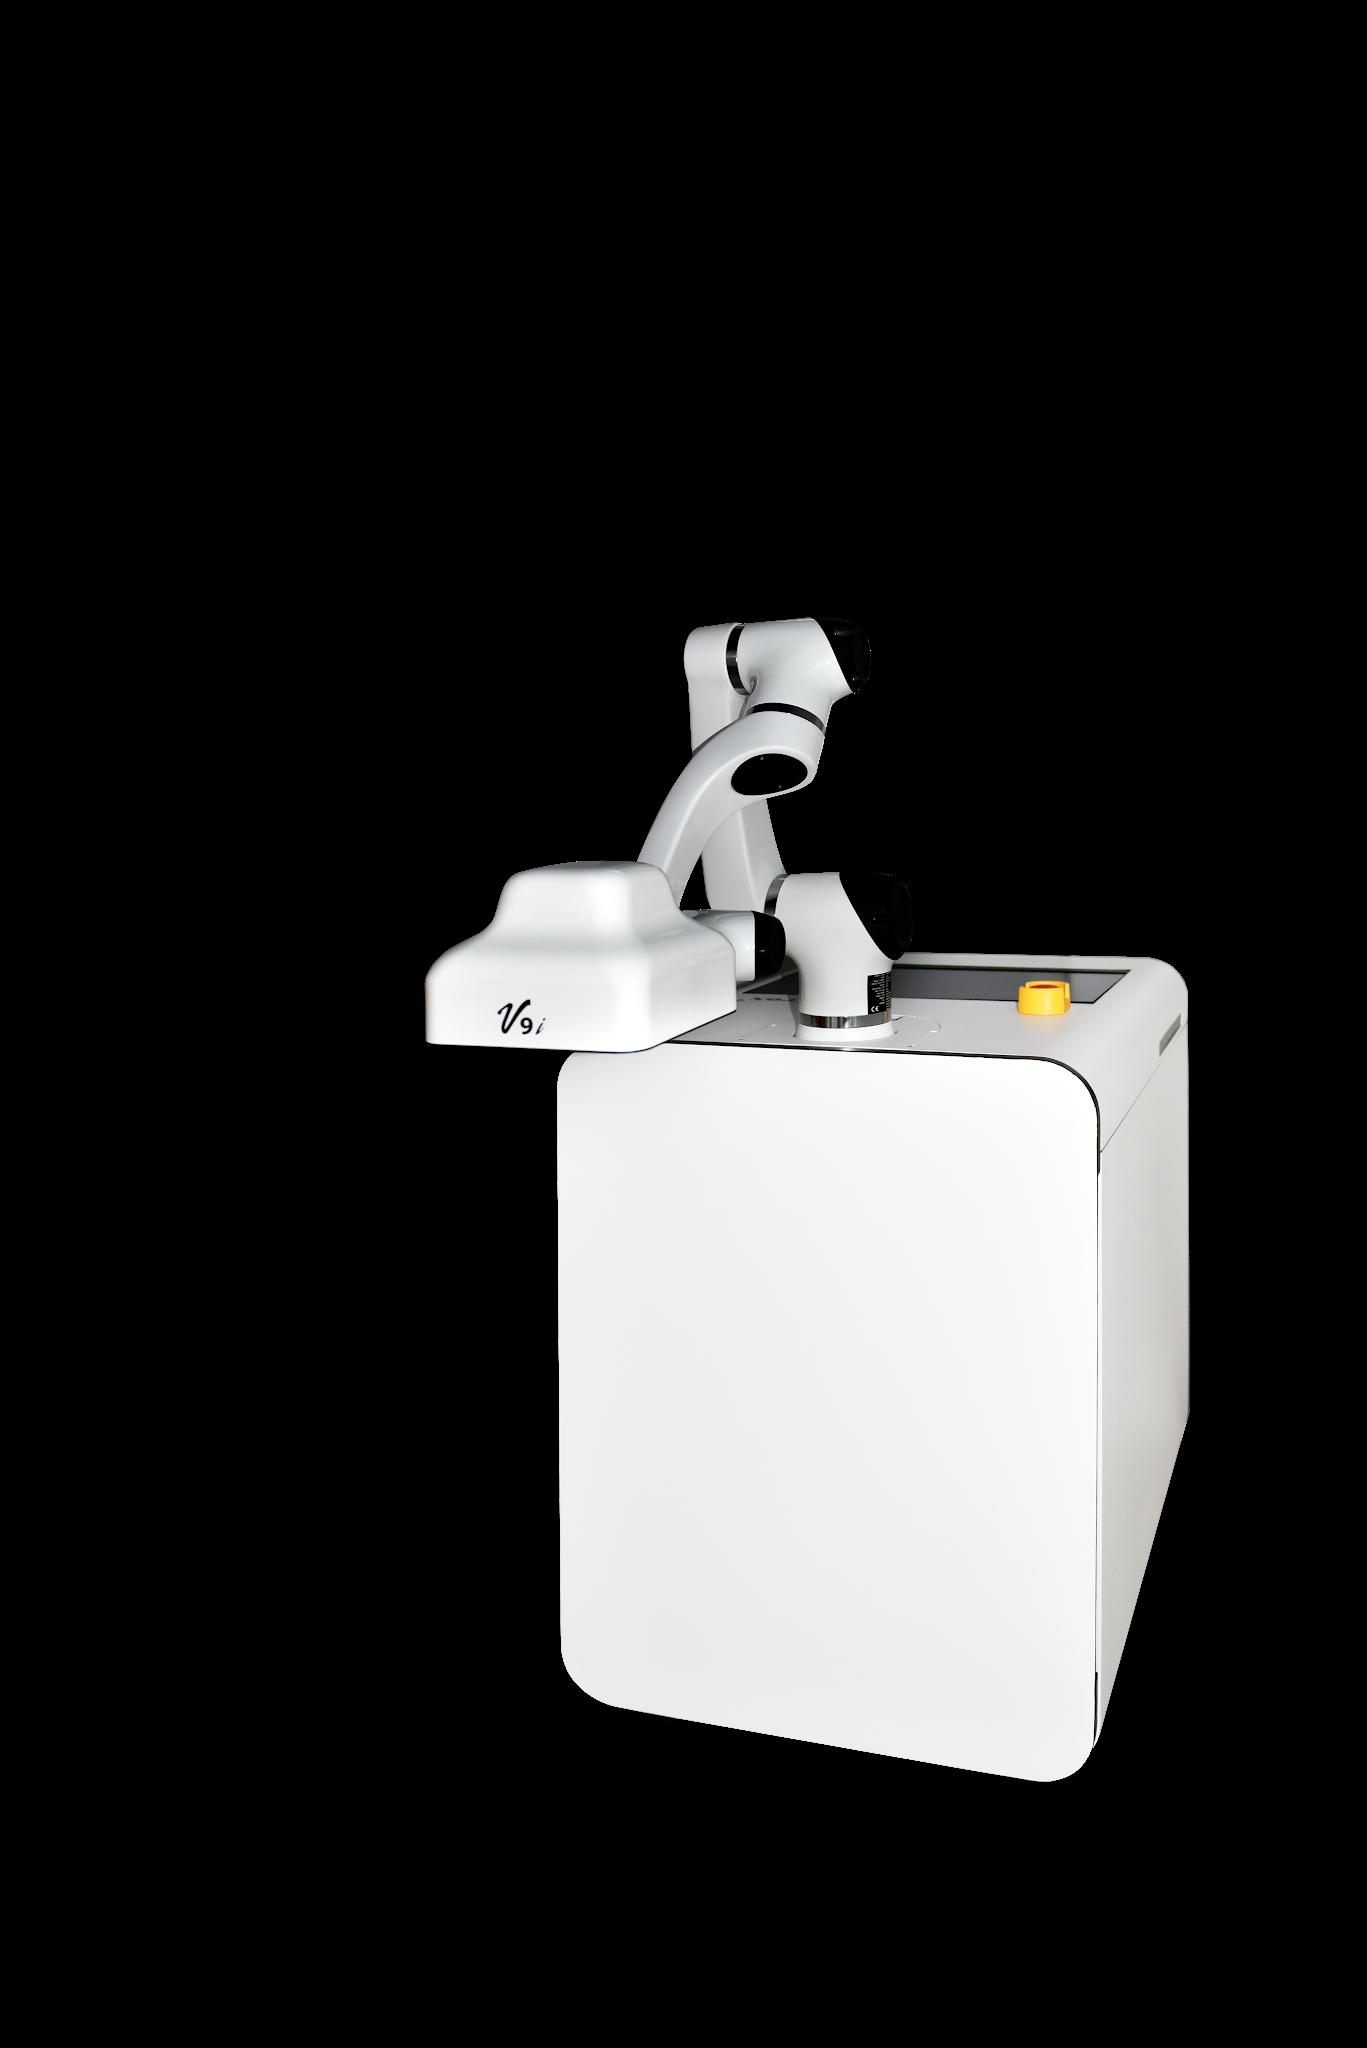 V9i Conformal Coating Inspection- Advanced Robotic Vision